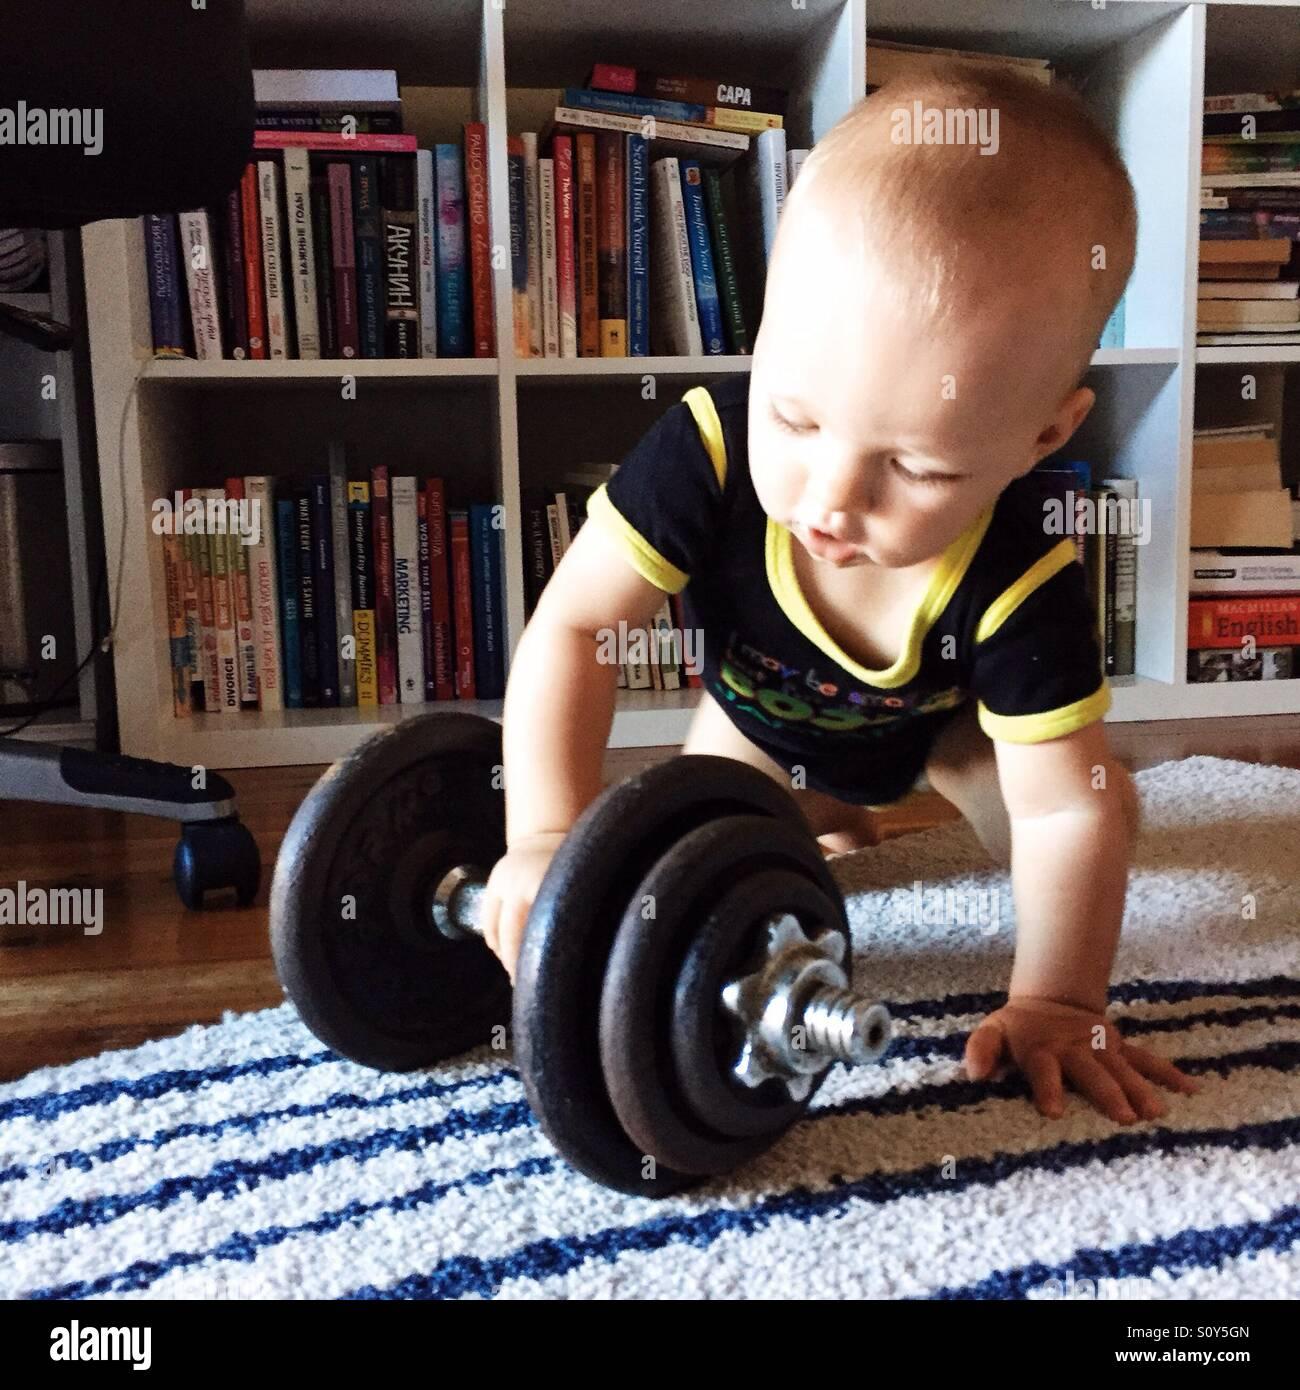 Niño jugando con equipo de gimnasio Imagen De Stock